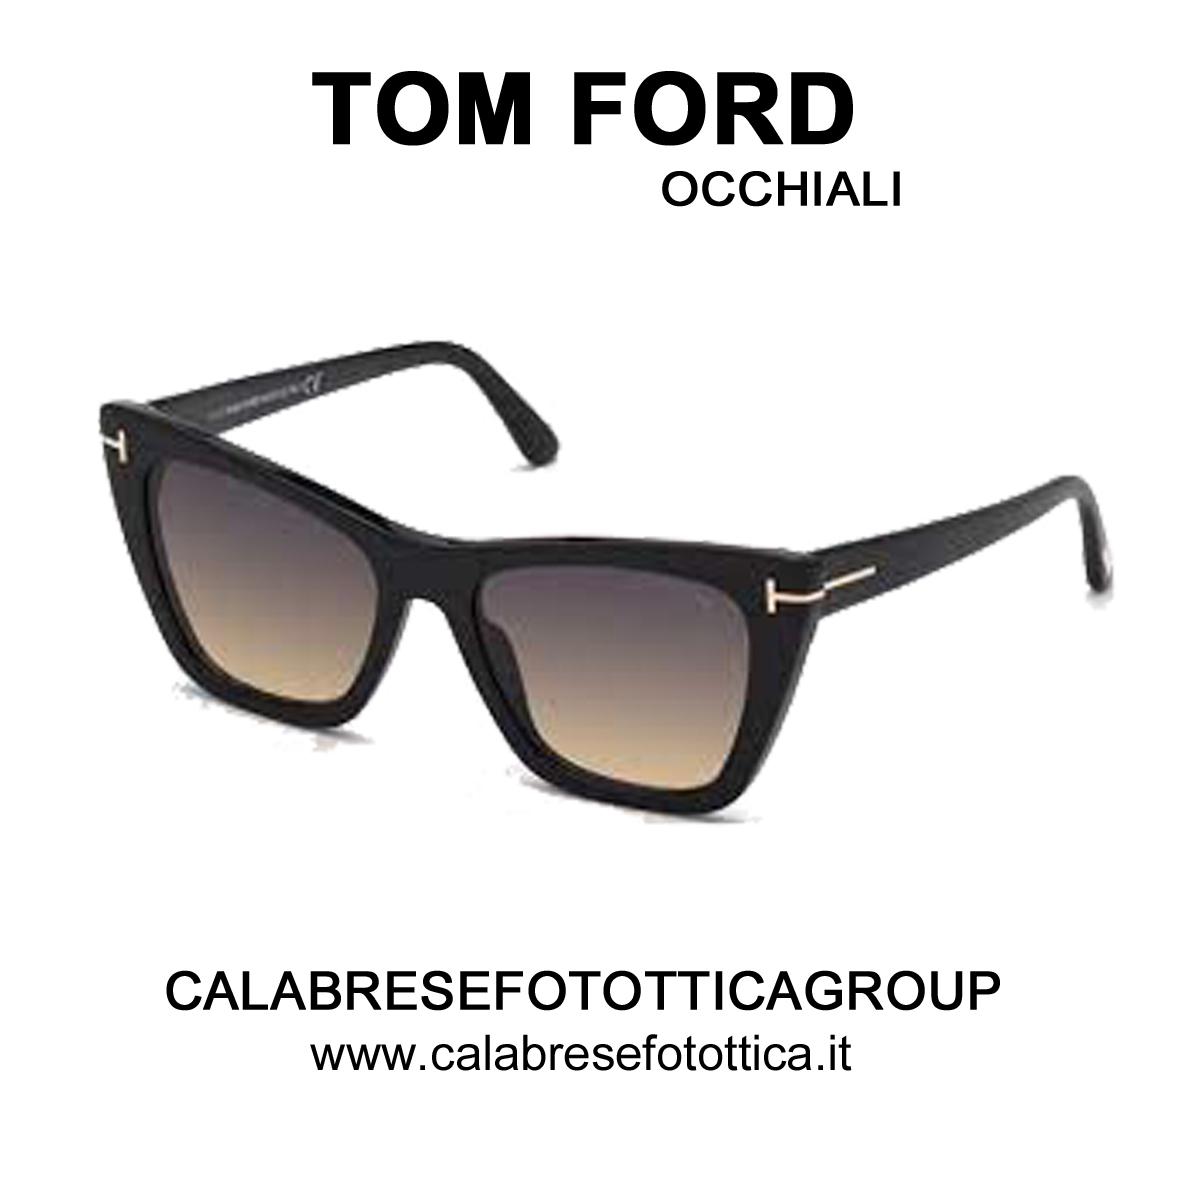 TOM FORD OCCHIALI DA VISTA E DA SOLE A BOLOGNA E  SAN LAZZARO DI SAVENA CALABRESE FOTOTTICA GROUP www.calabresefotottica.it